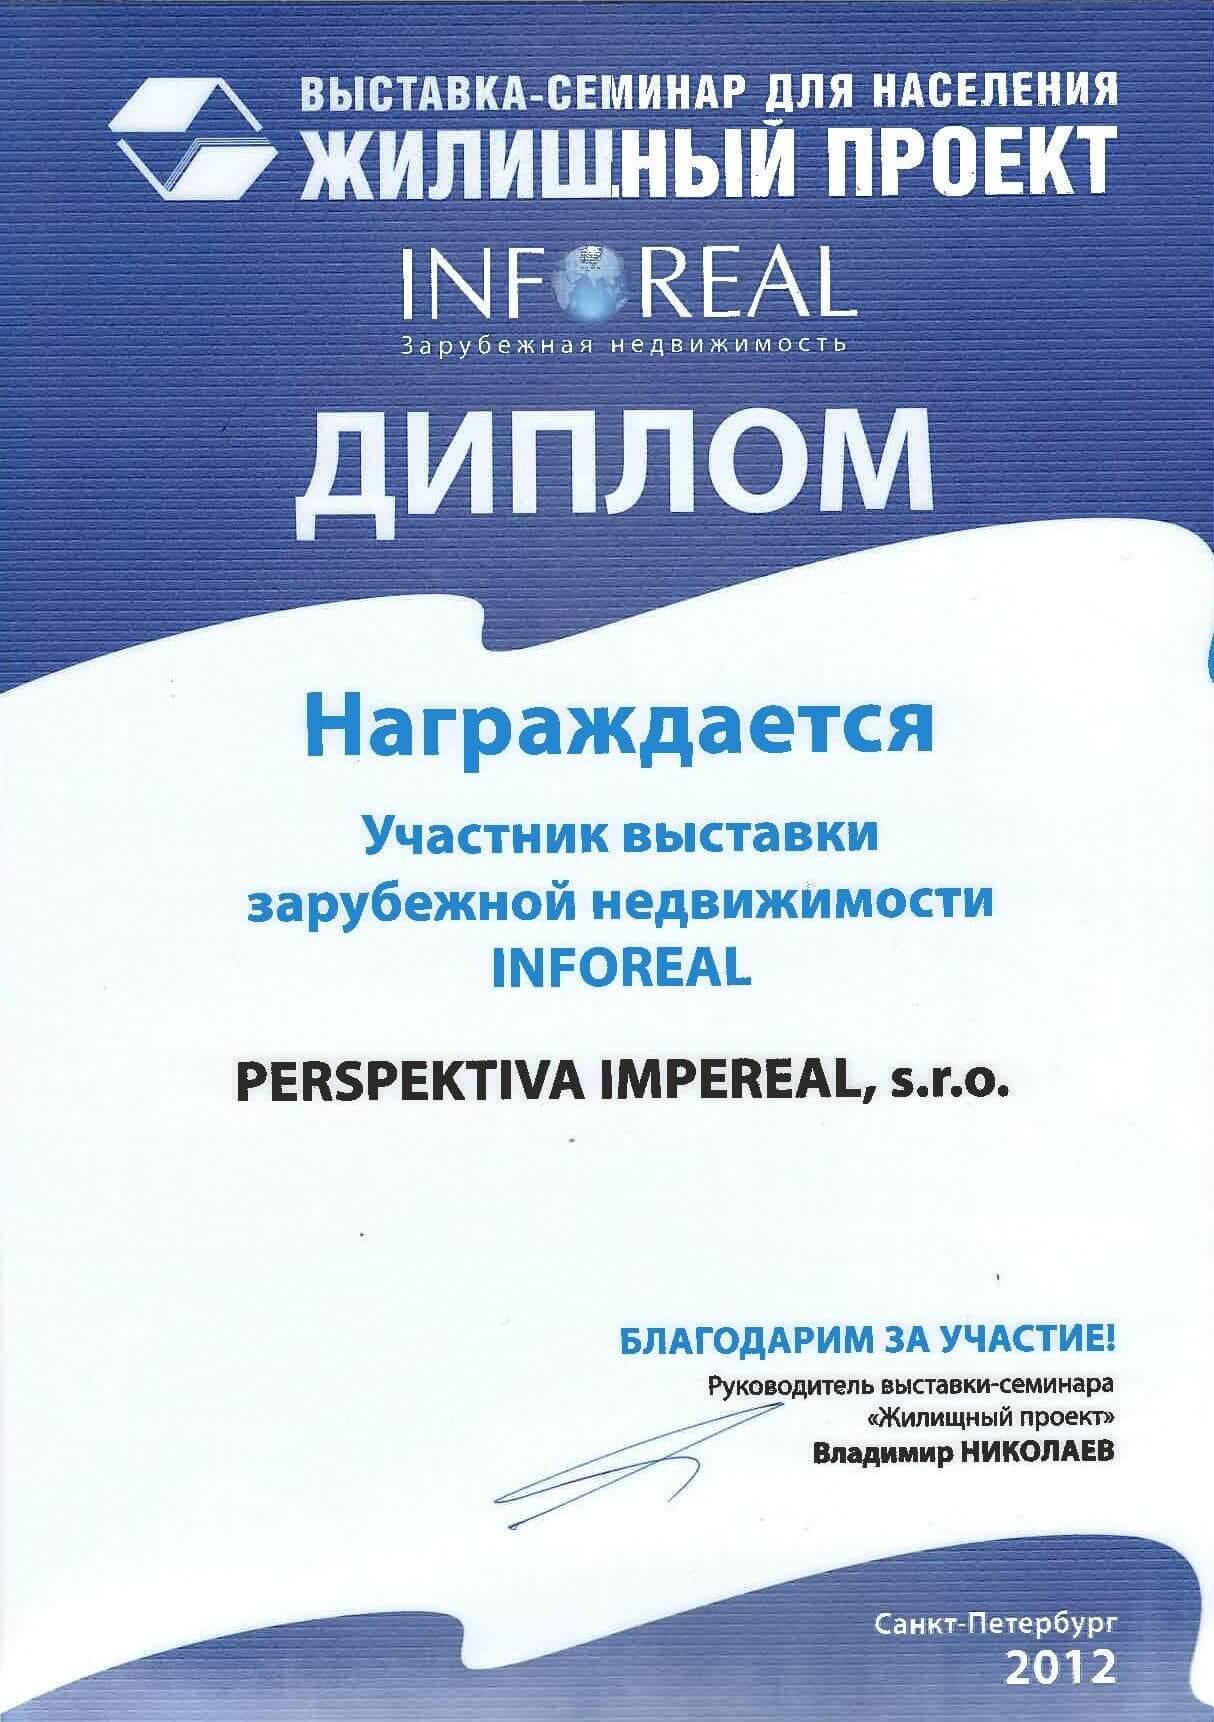 Участие в выставке международной недвижимости в Санкт-Петербурге